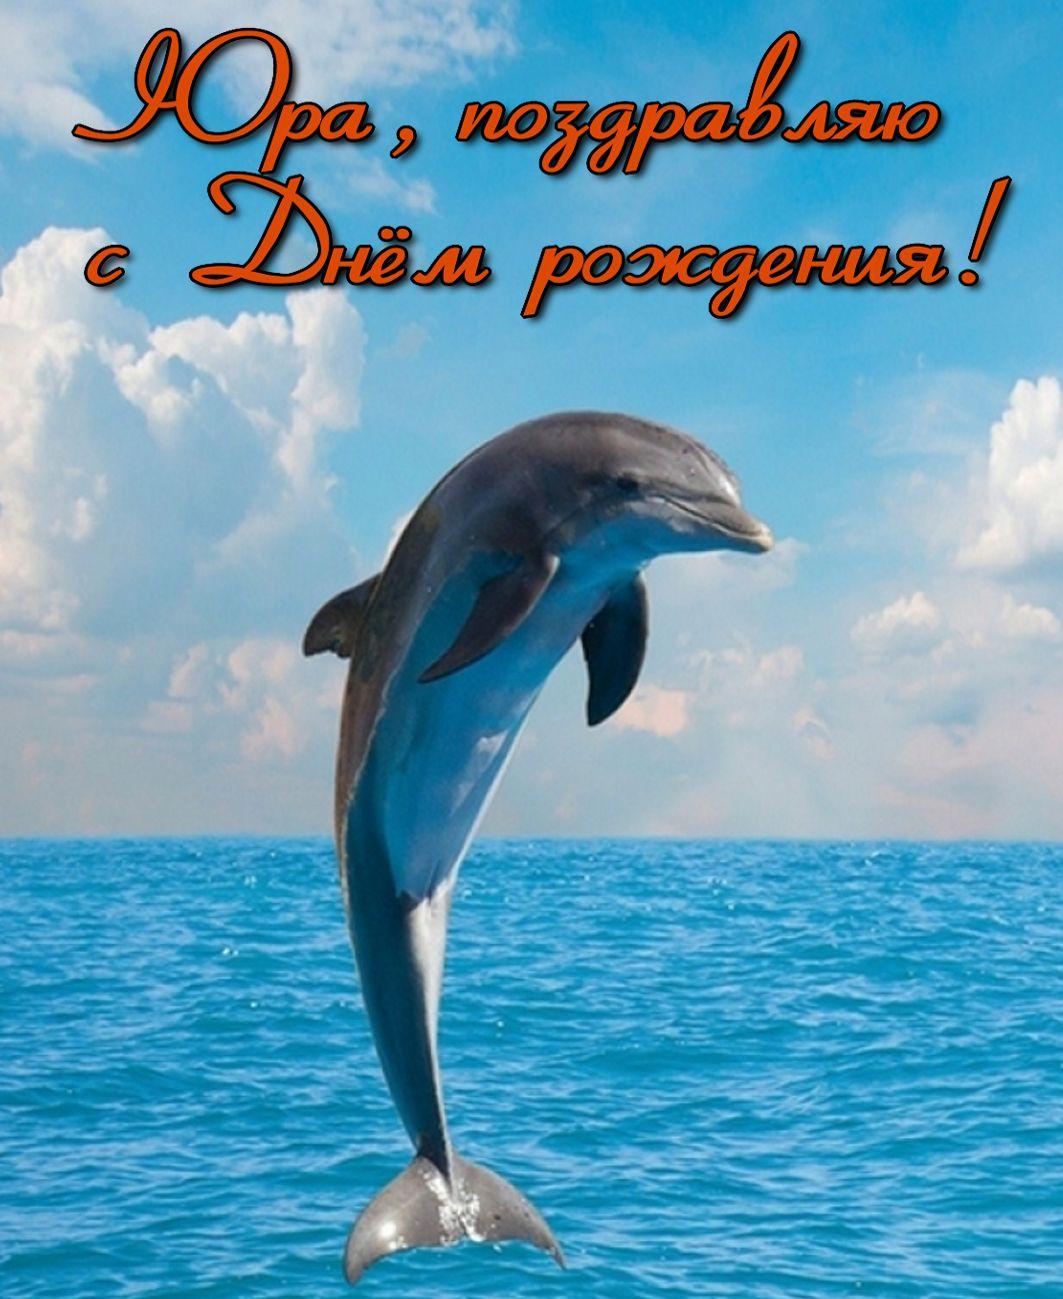 Дельфины картинки с надписью, заходите еще мойдодыр